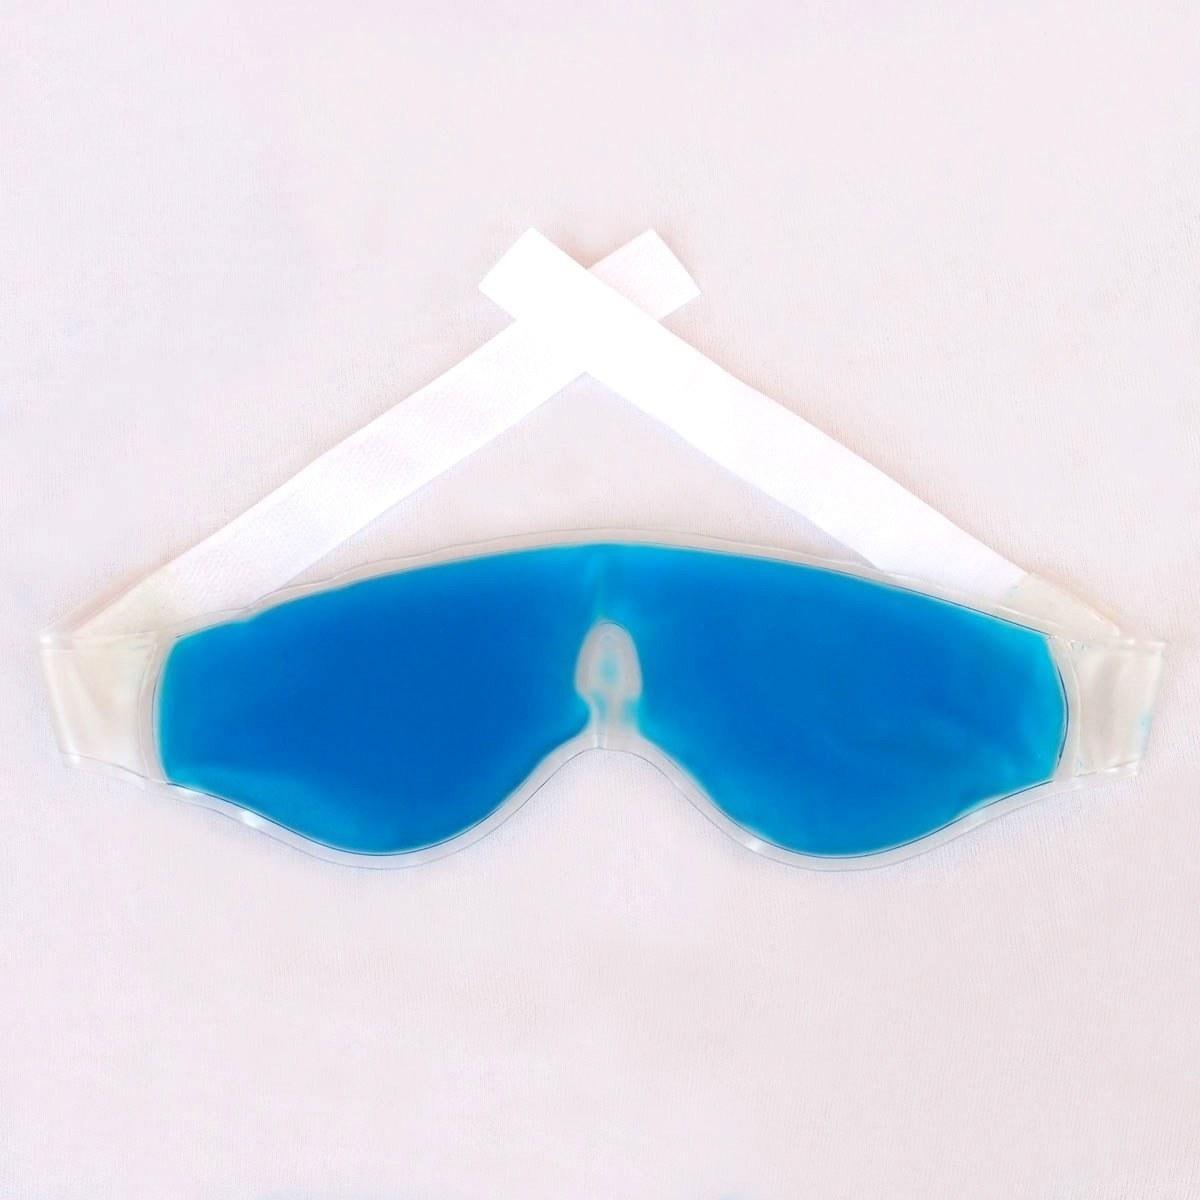 A blue cooling gel eye mask